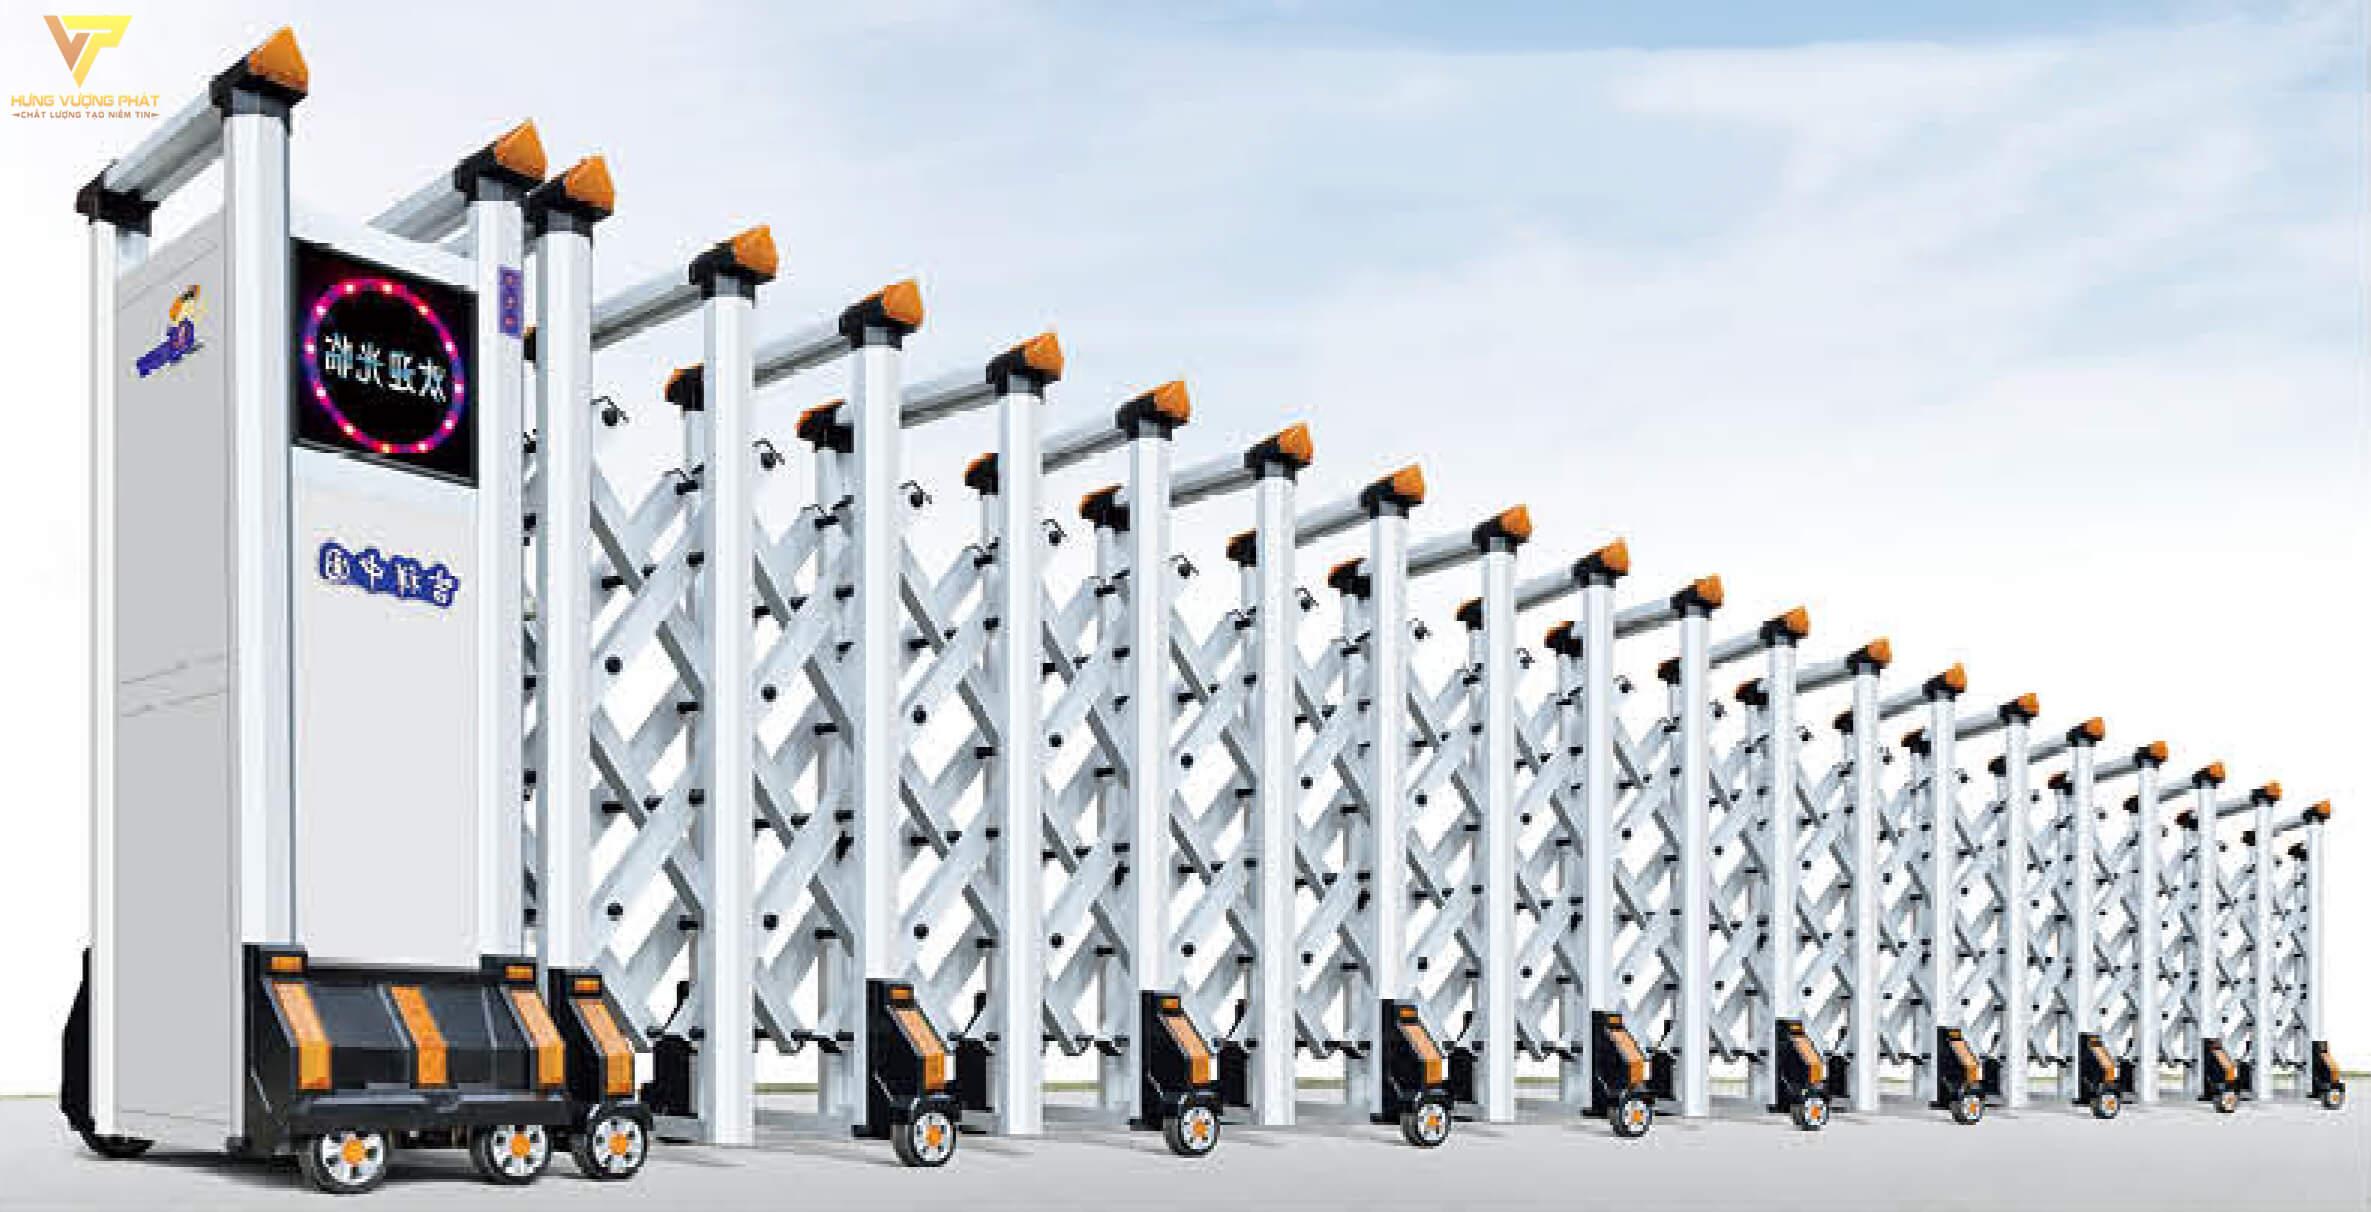 Cổng xếp hợp kim nhôm chạy điện tự động HN21